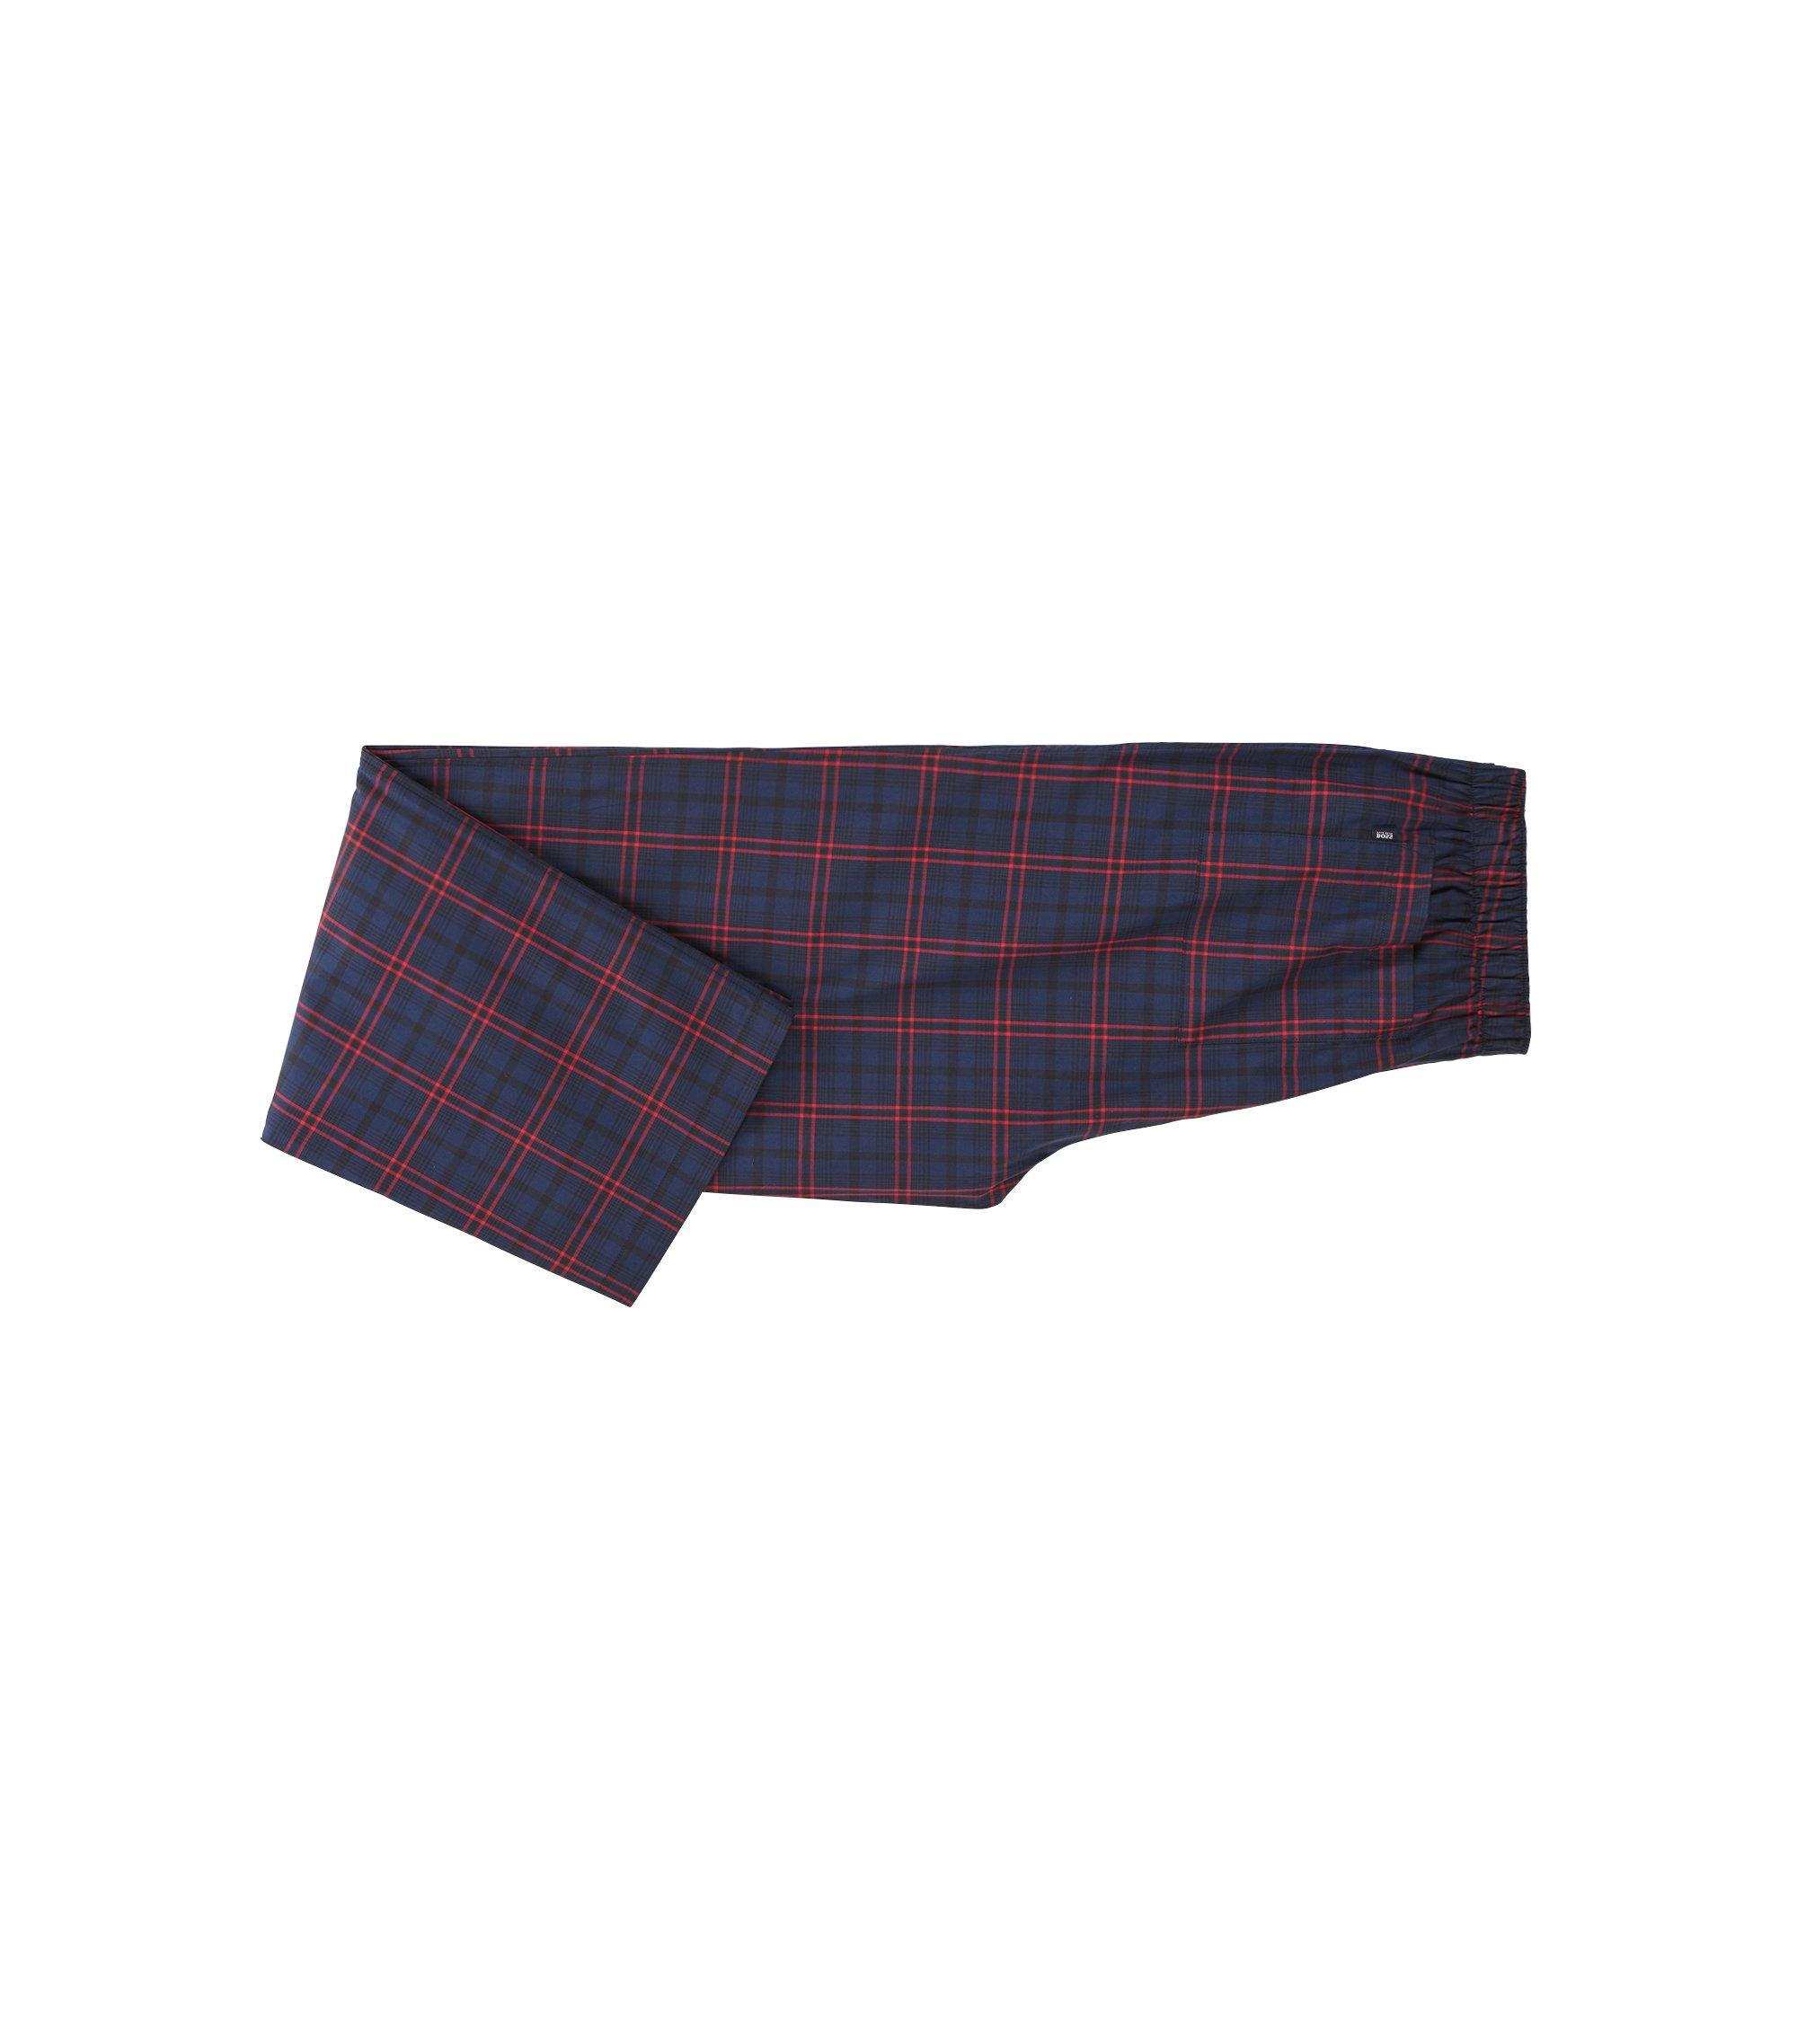 Ensemble de pyjama en twill de coton à carreaux, en coffret cadeau, Bleu foncé